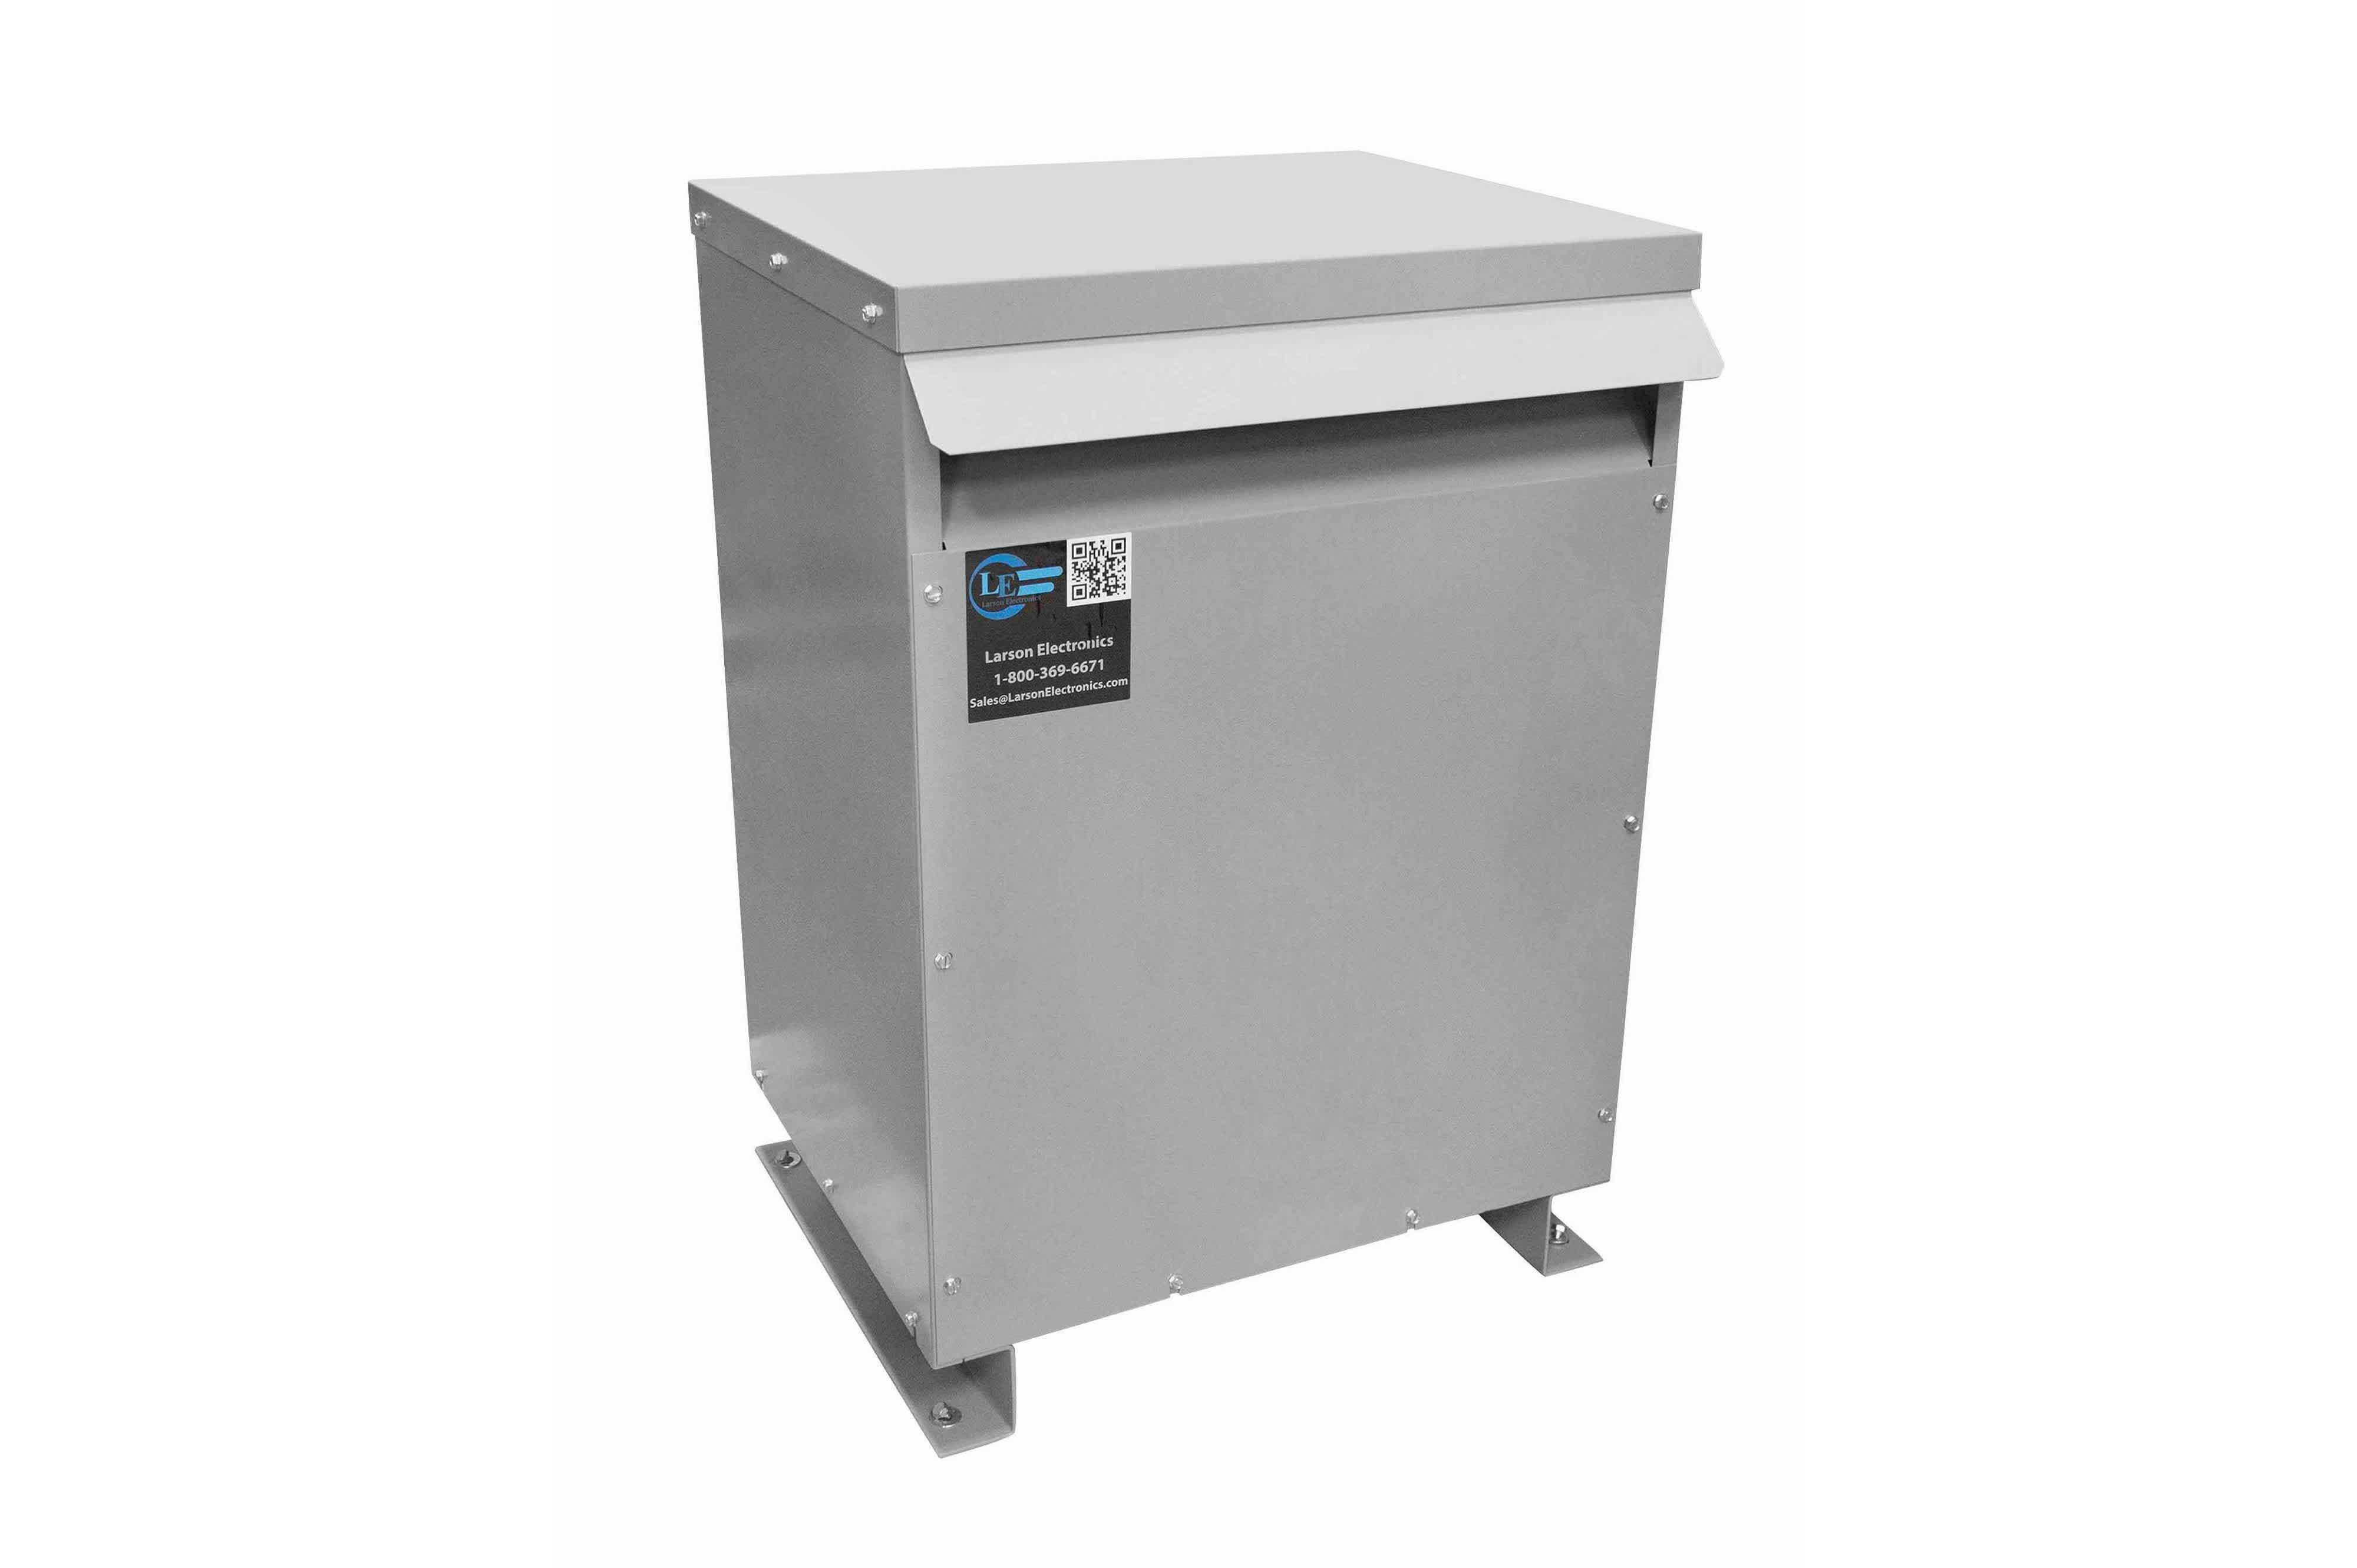 225 kVA 3PH Isolation Transformer, 460V Delta Primary, 415V Delta Secondary, N3R, Ventilated, 60 Hz